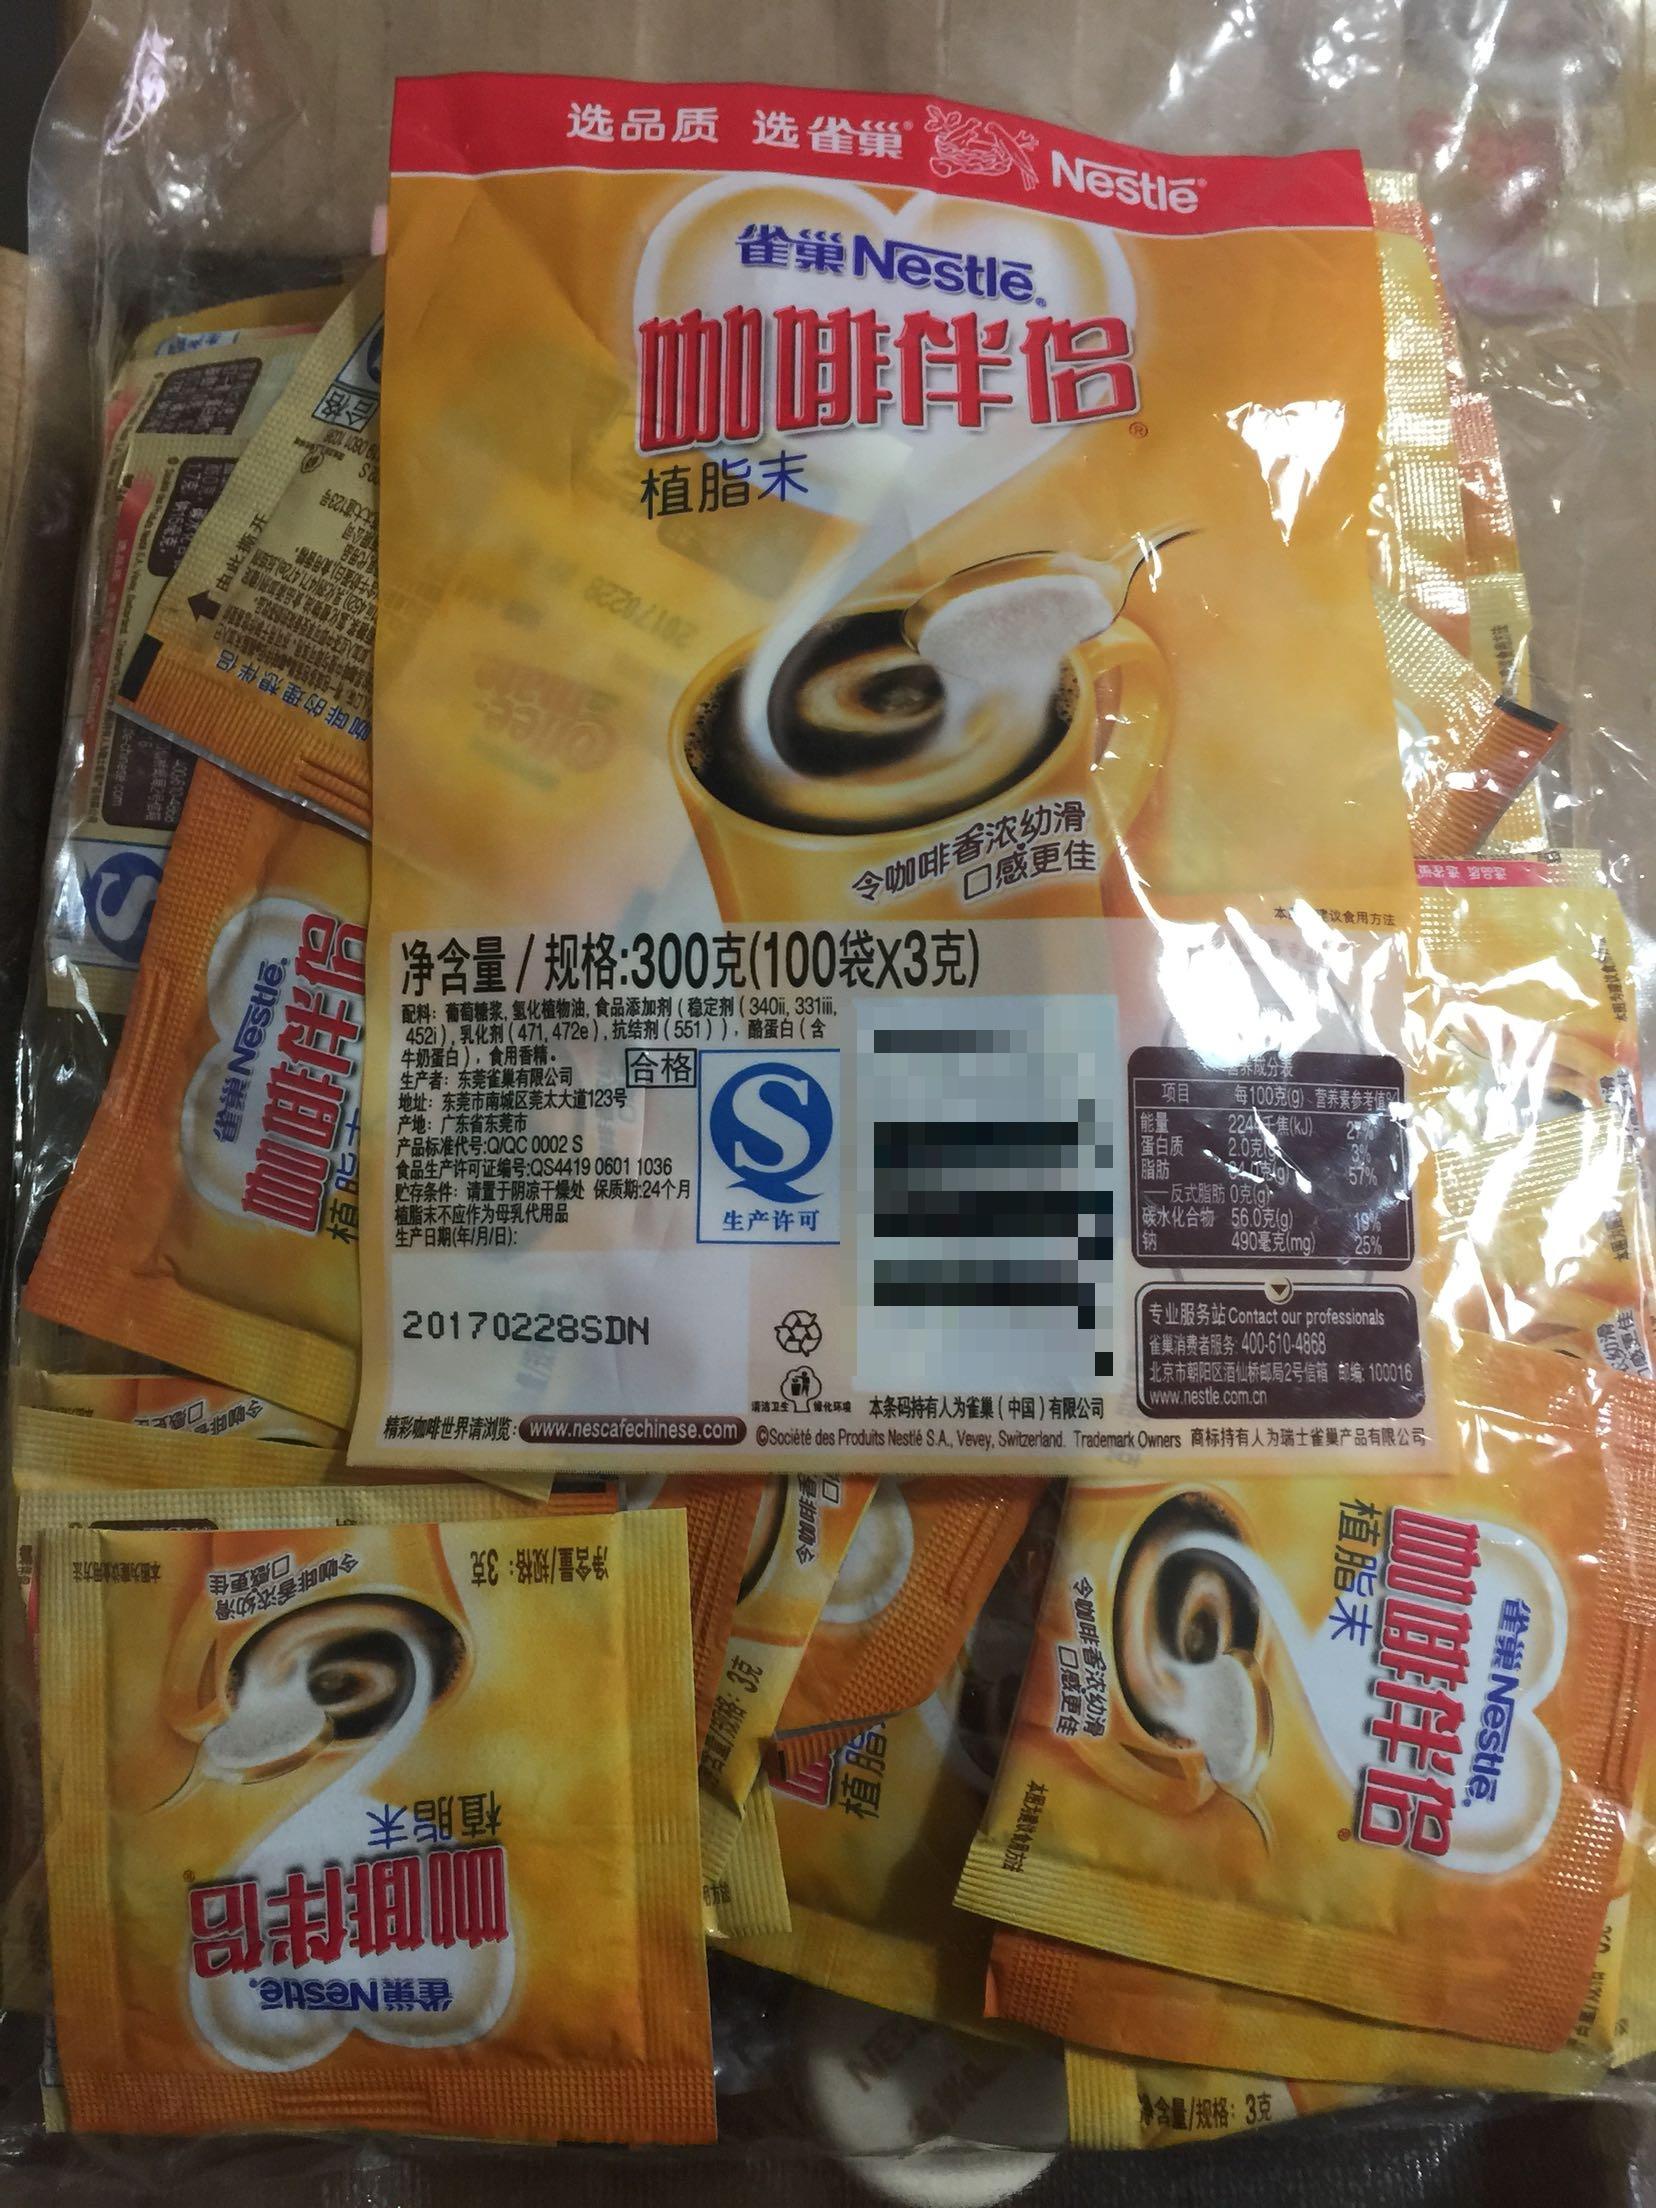 handbags uk online 00225445 forsale